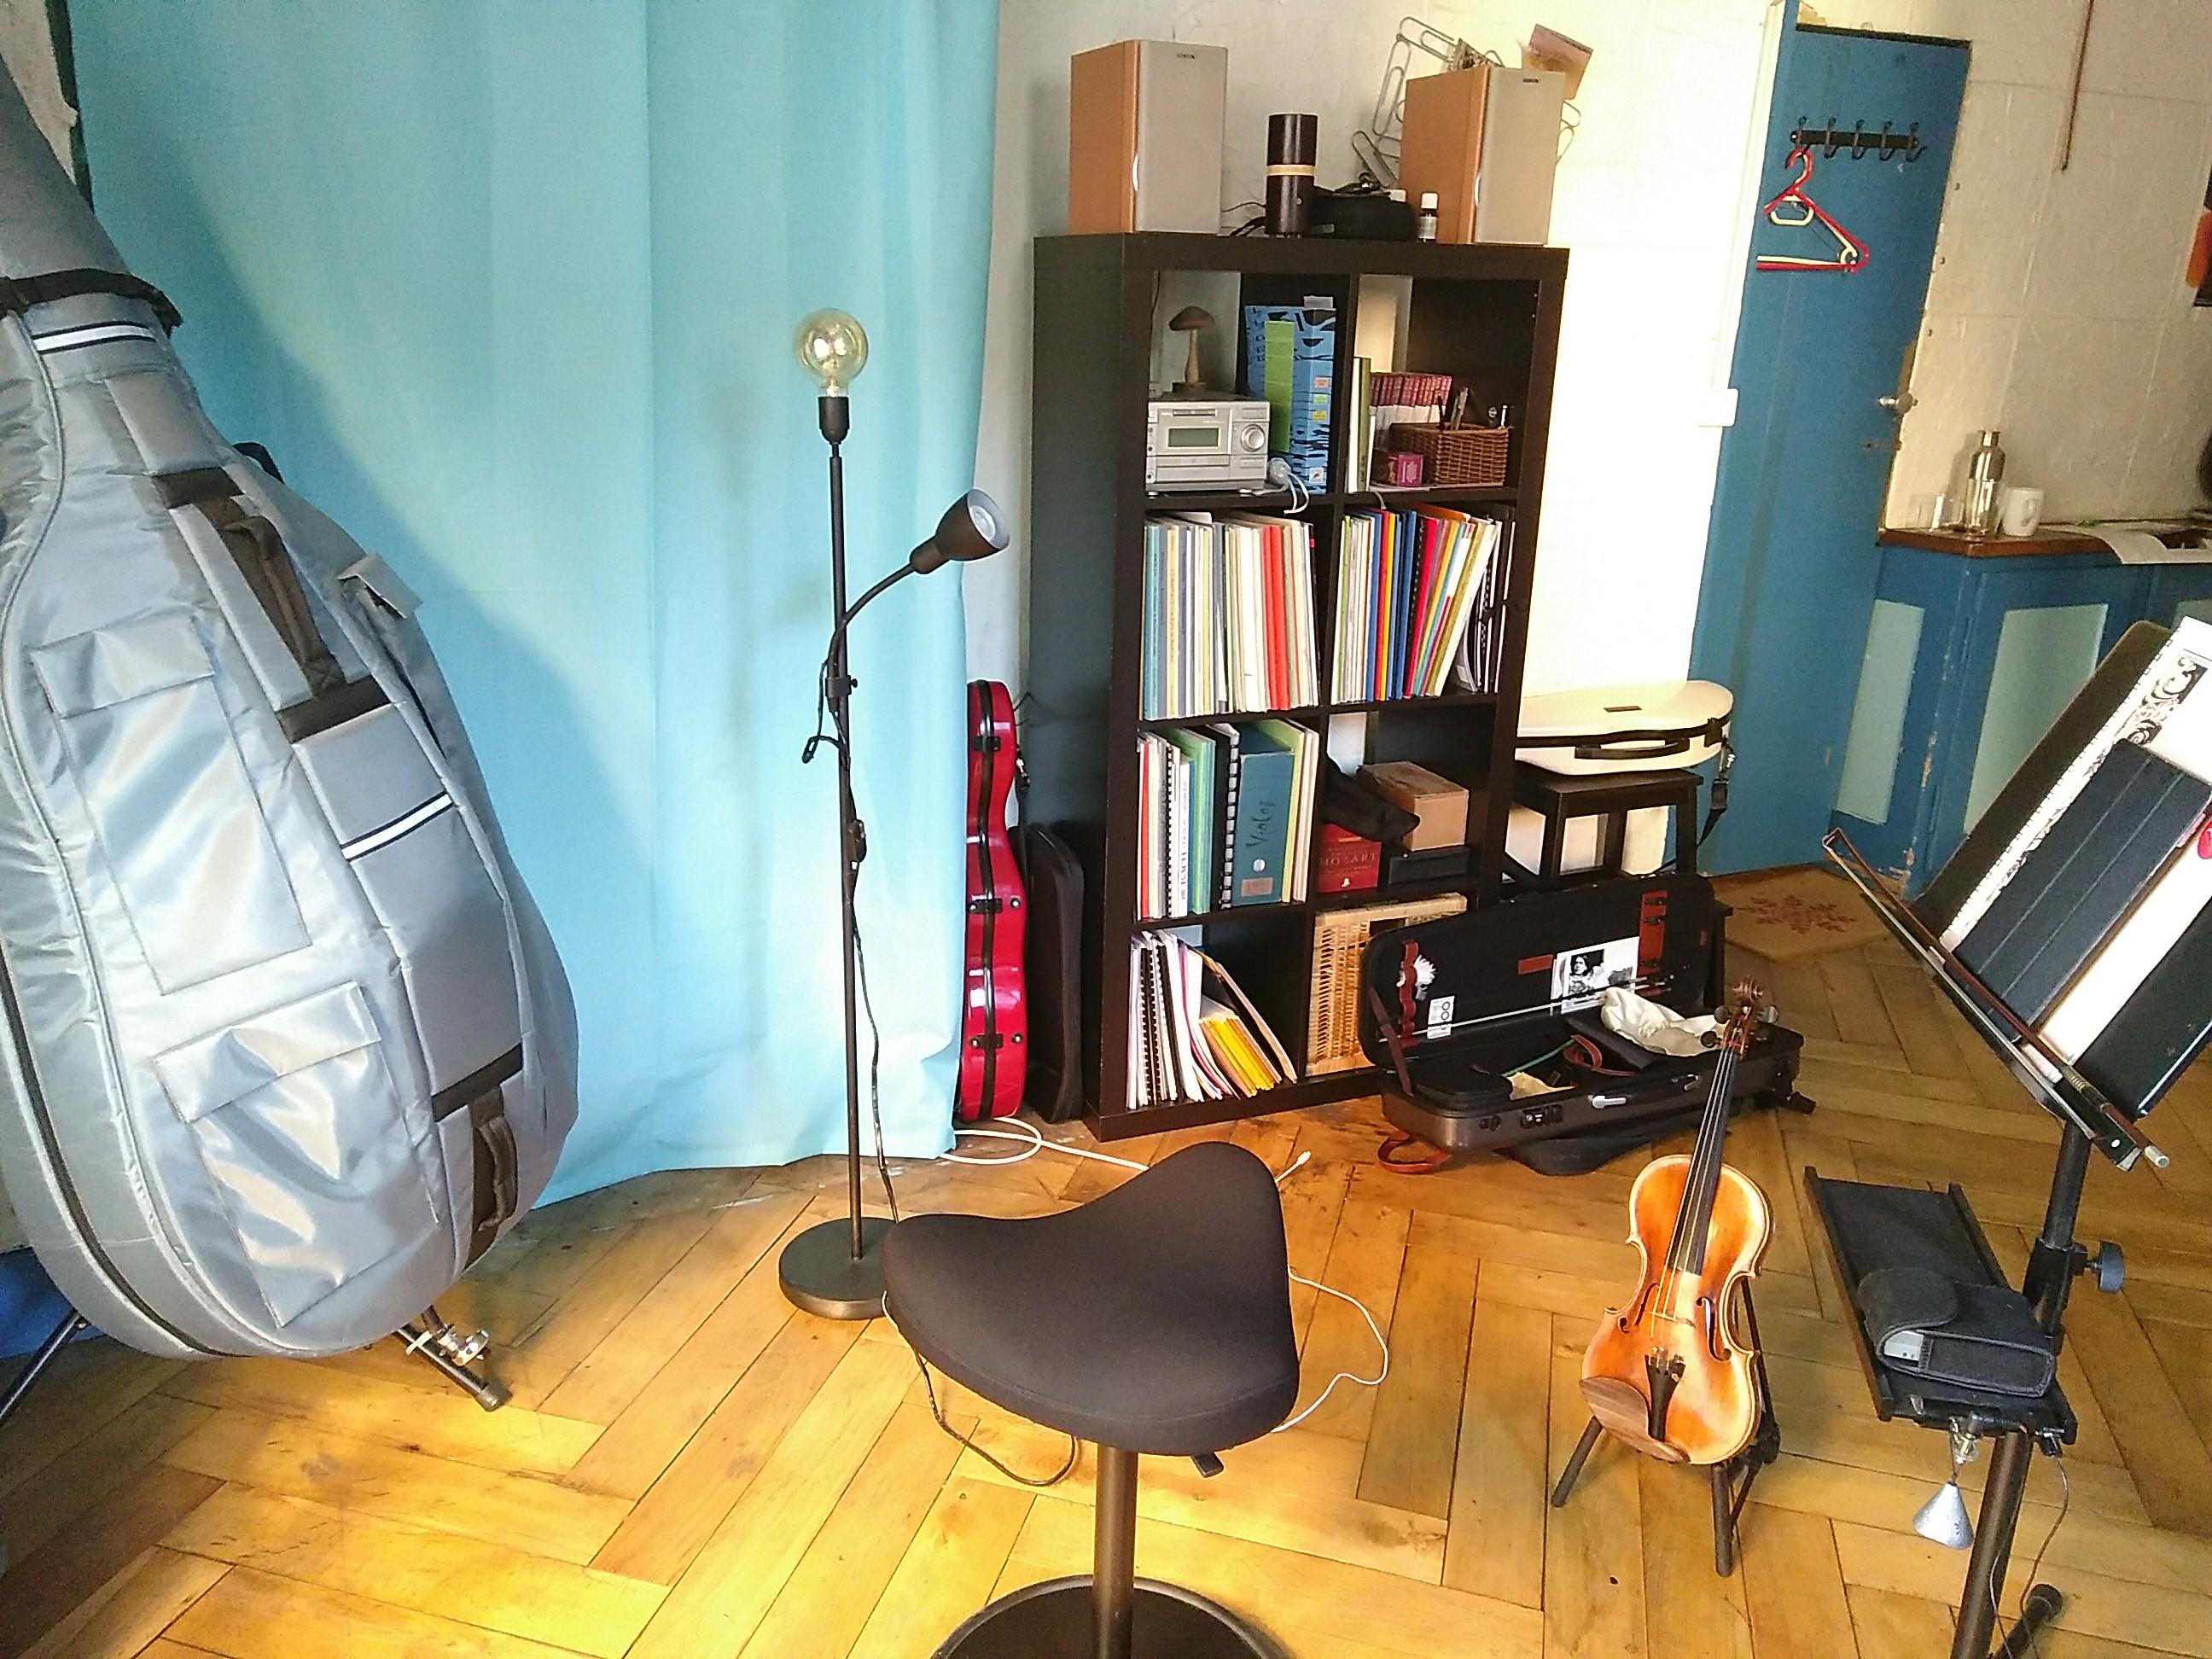 Ein kleines Zimmer mit Holzboden und blauem Vorhang. Darin befinden sich viele Notenblätter, eine Musikanlage und diverse Instrumente wie zum Beispiel eine Geige.